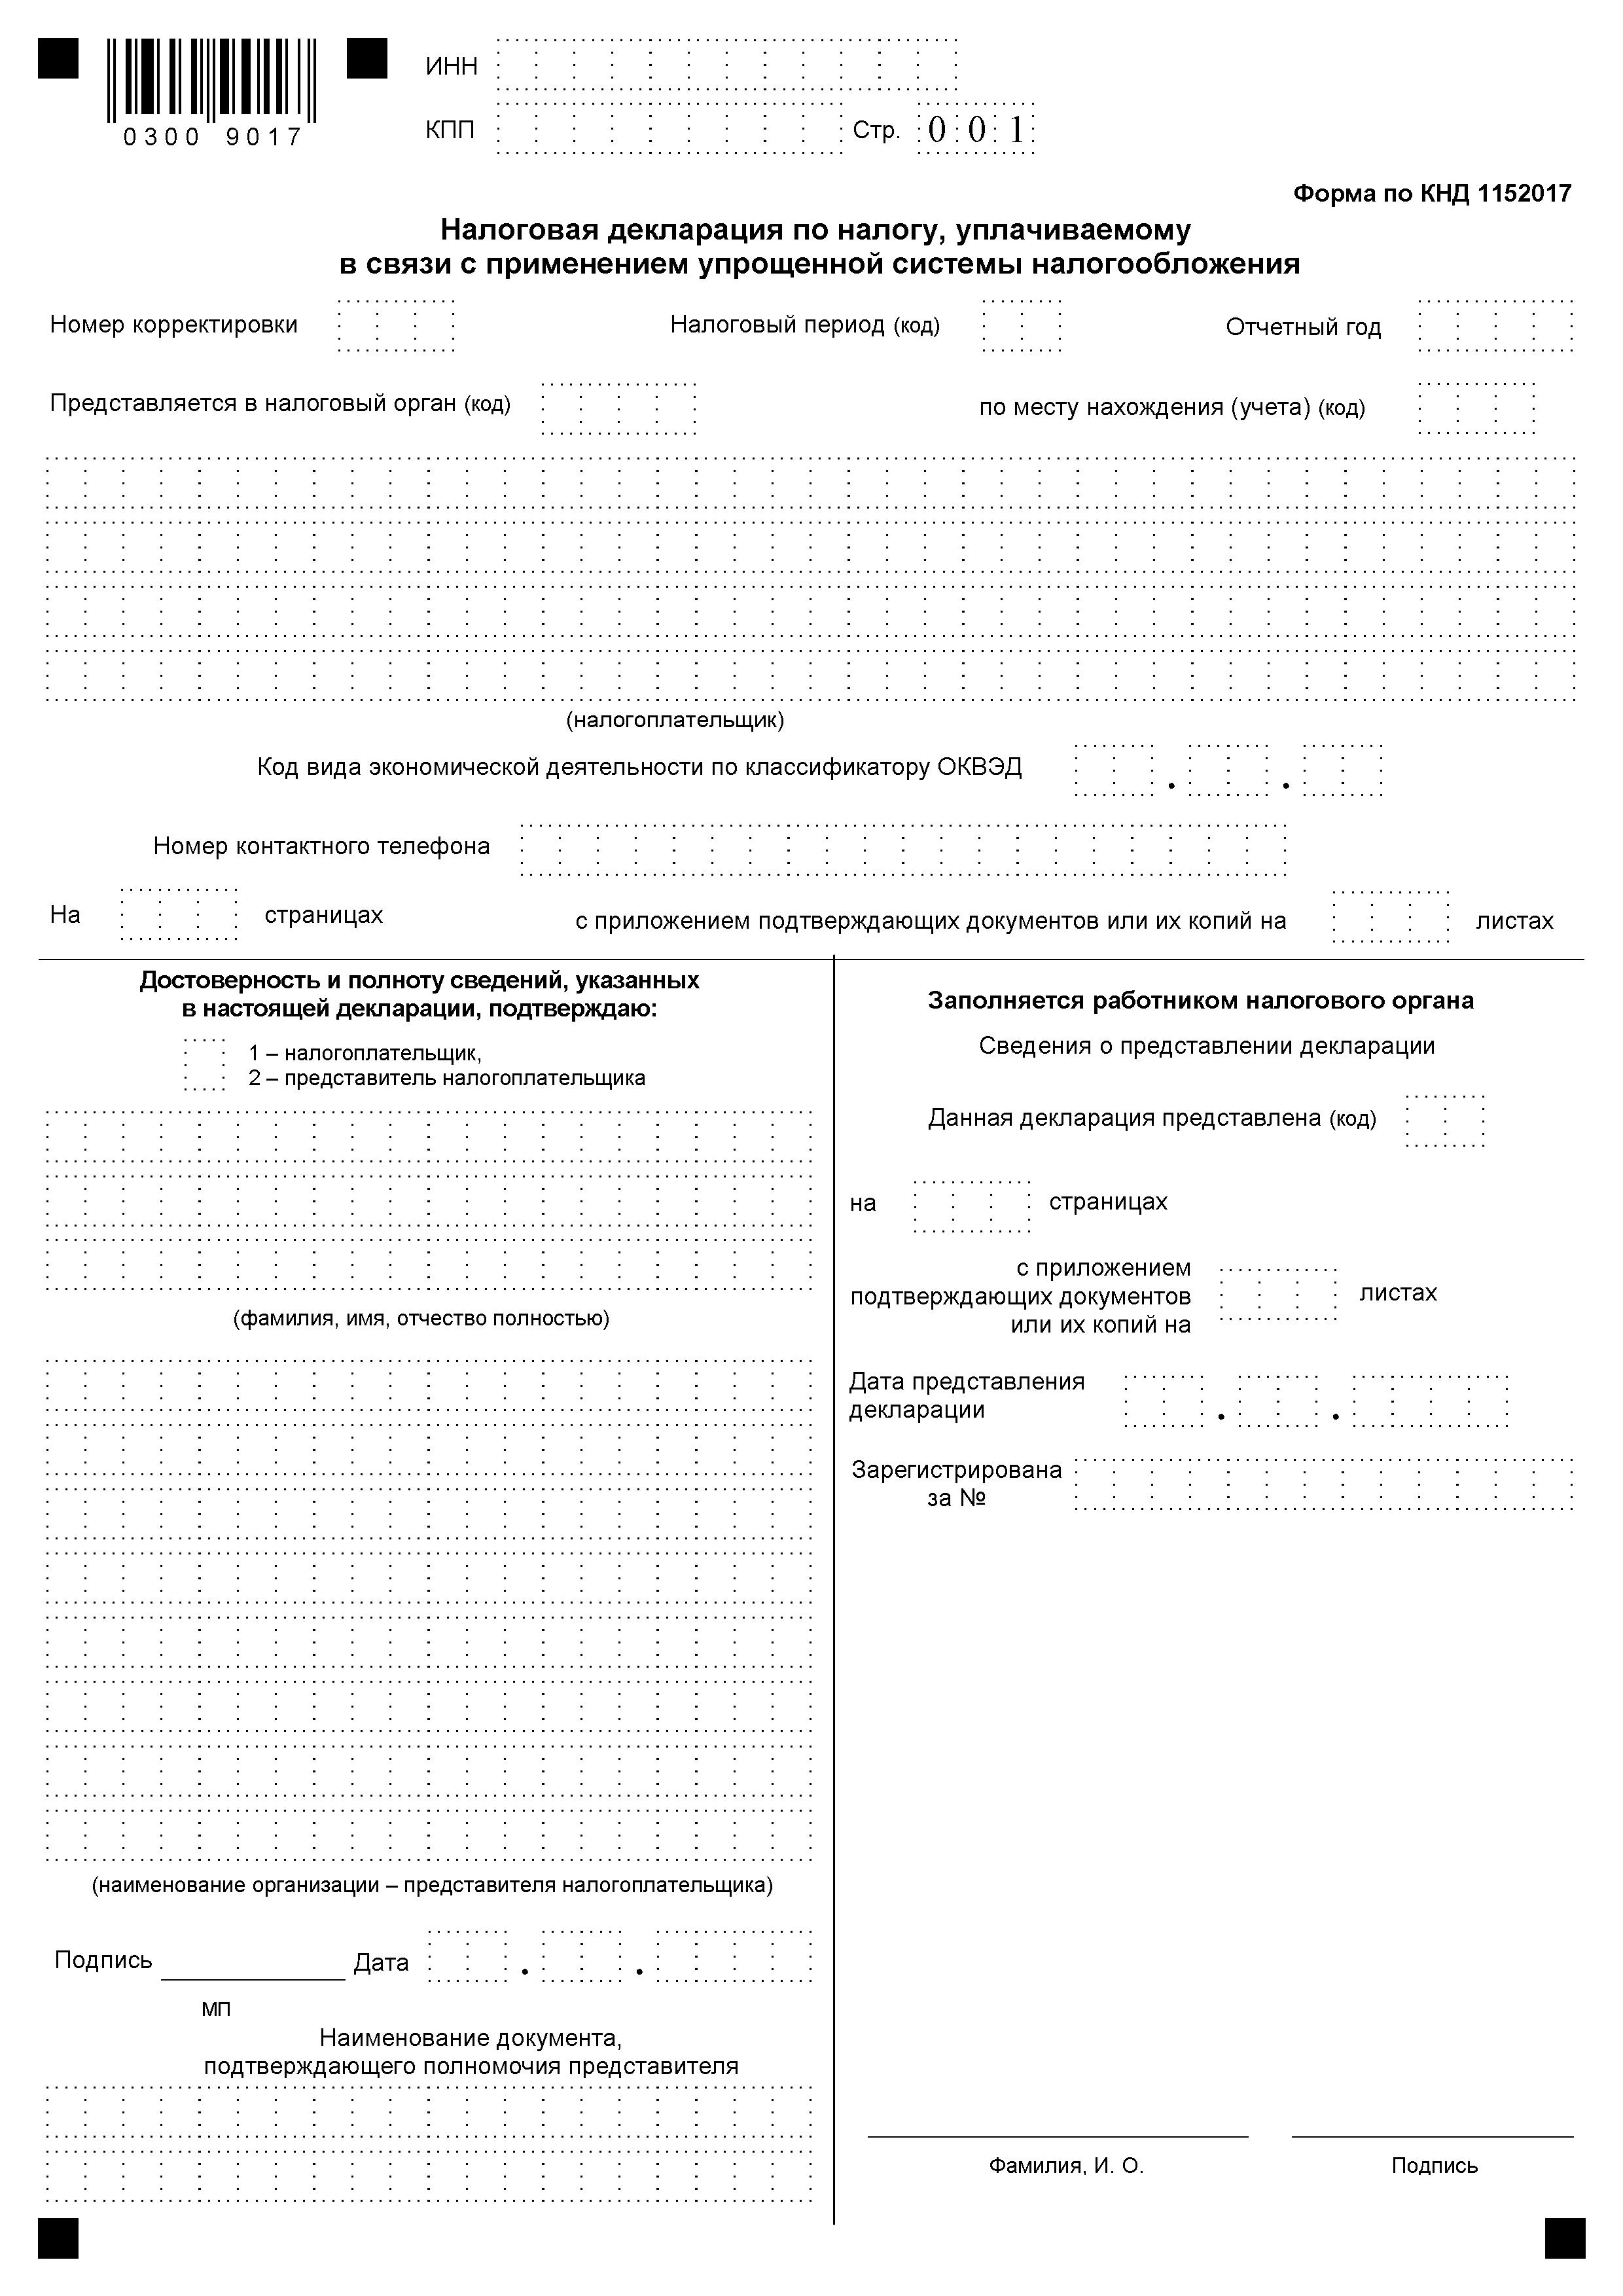 бланк налоговой декларации по усн октмо